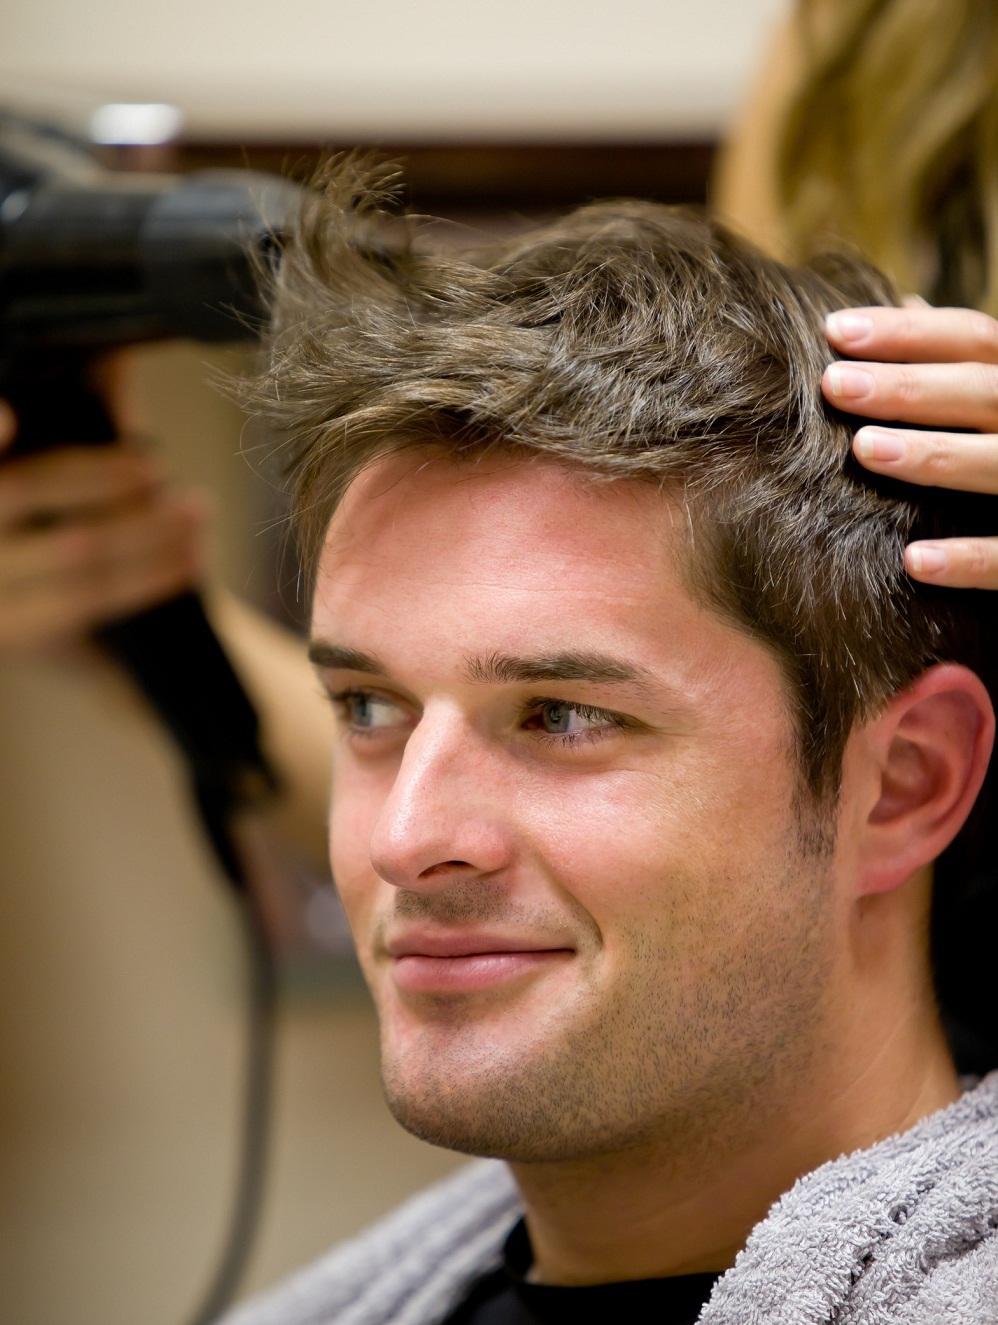 Чем лучше уложить волосы мужчине